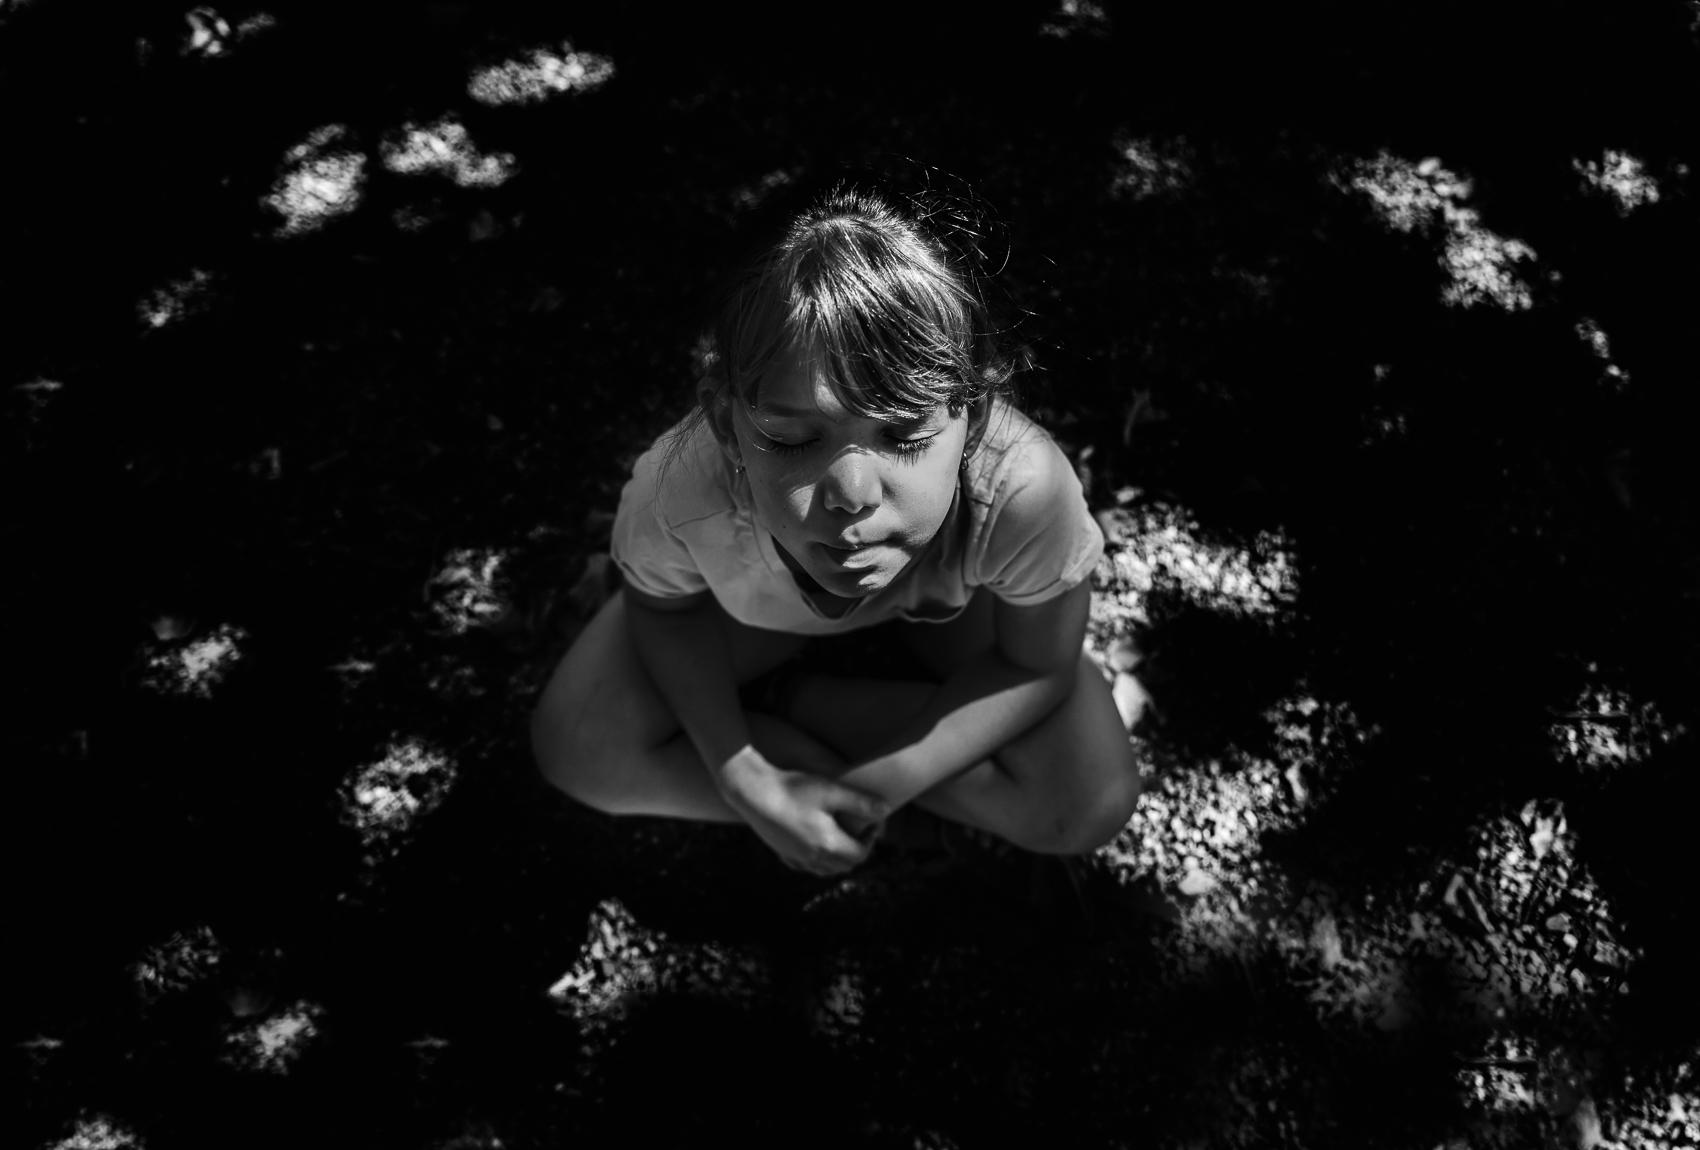 girl sitting in dappled light